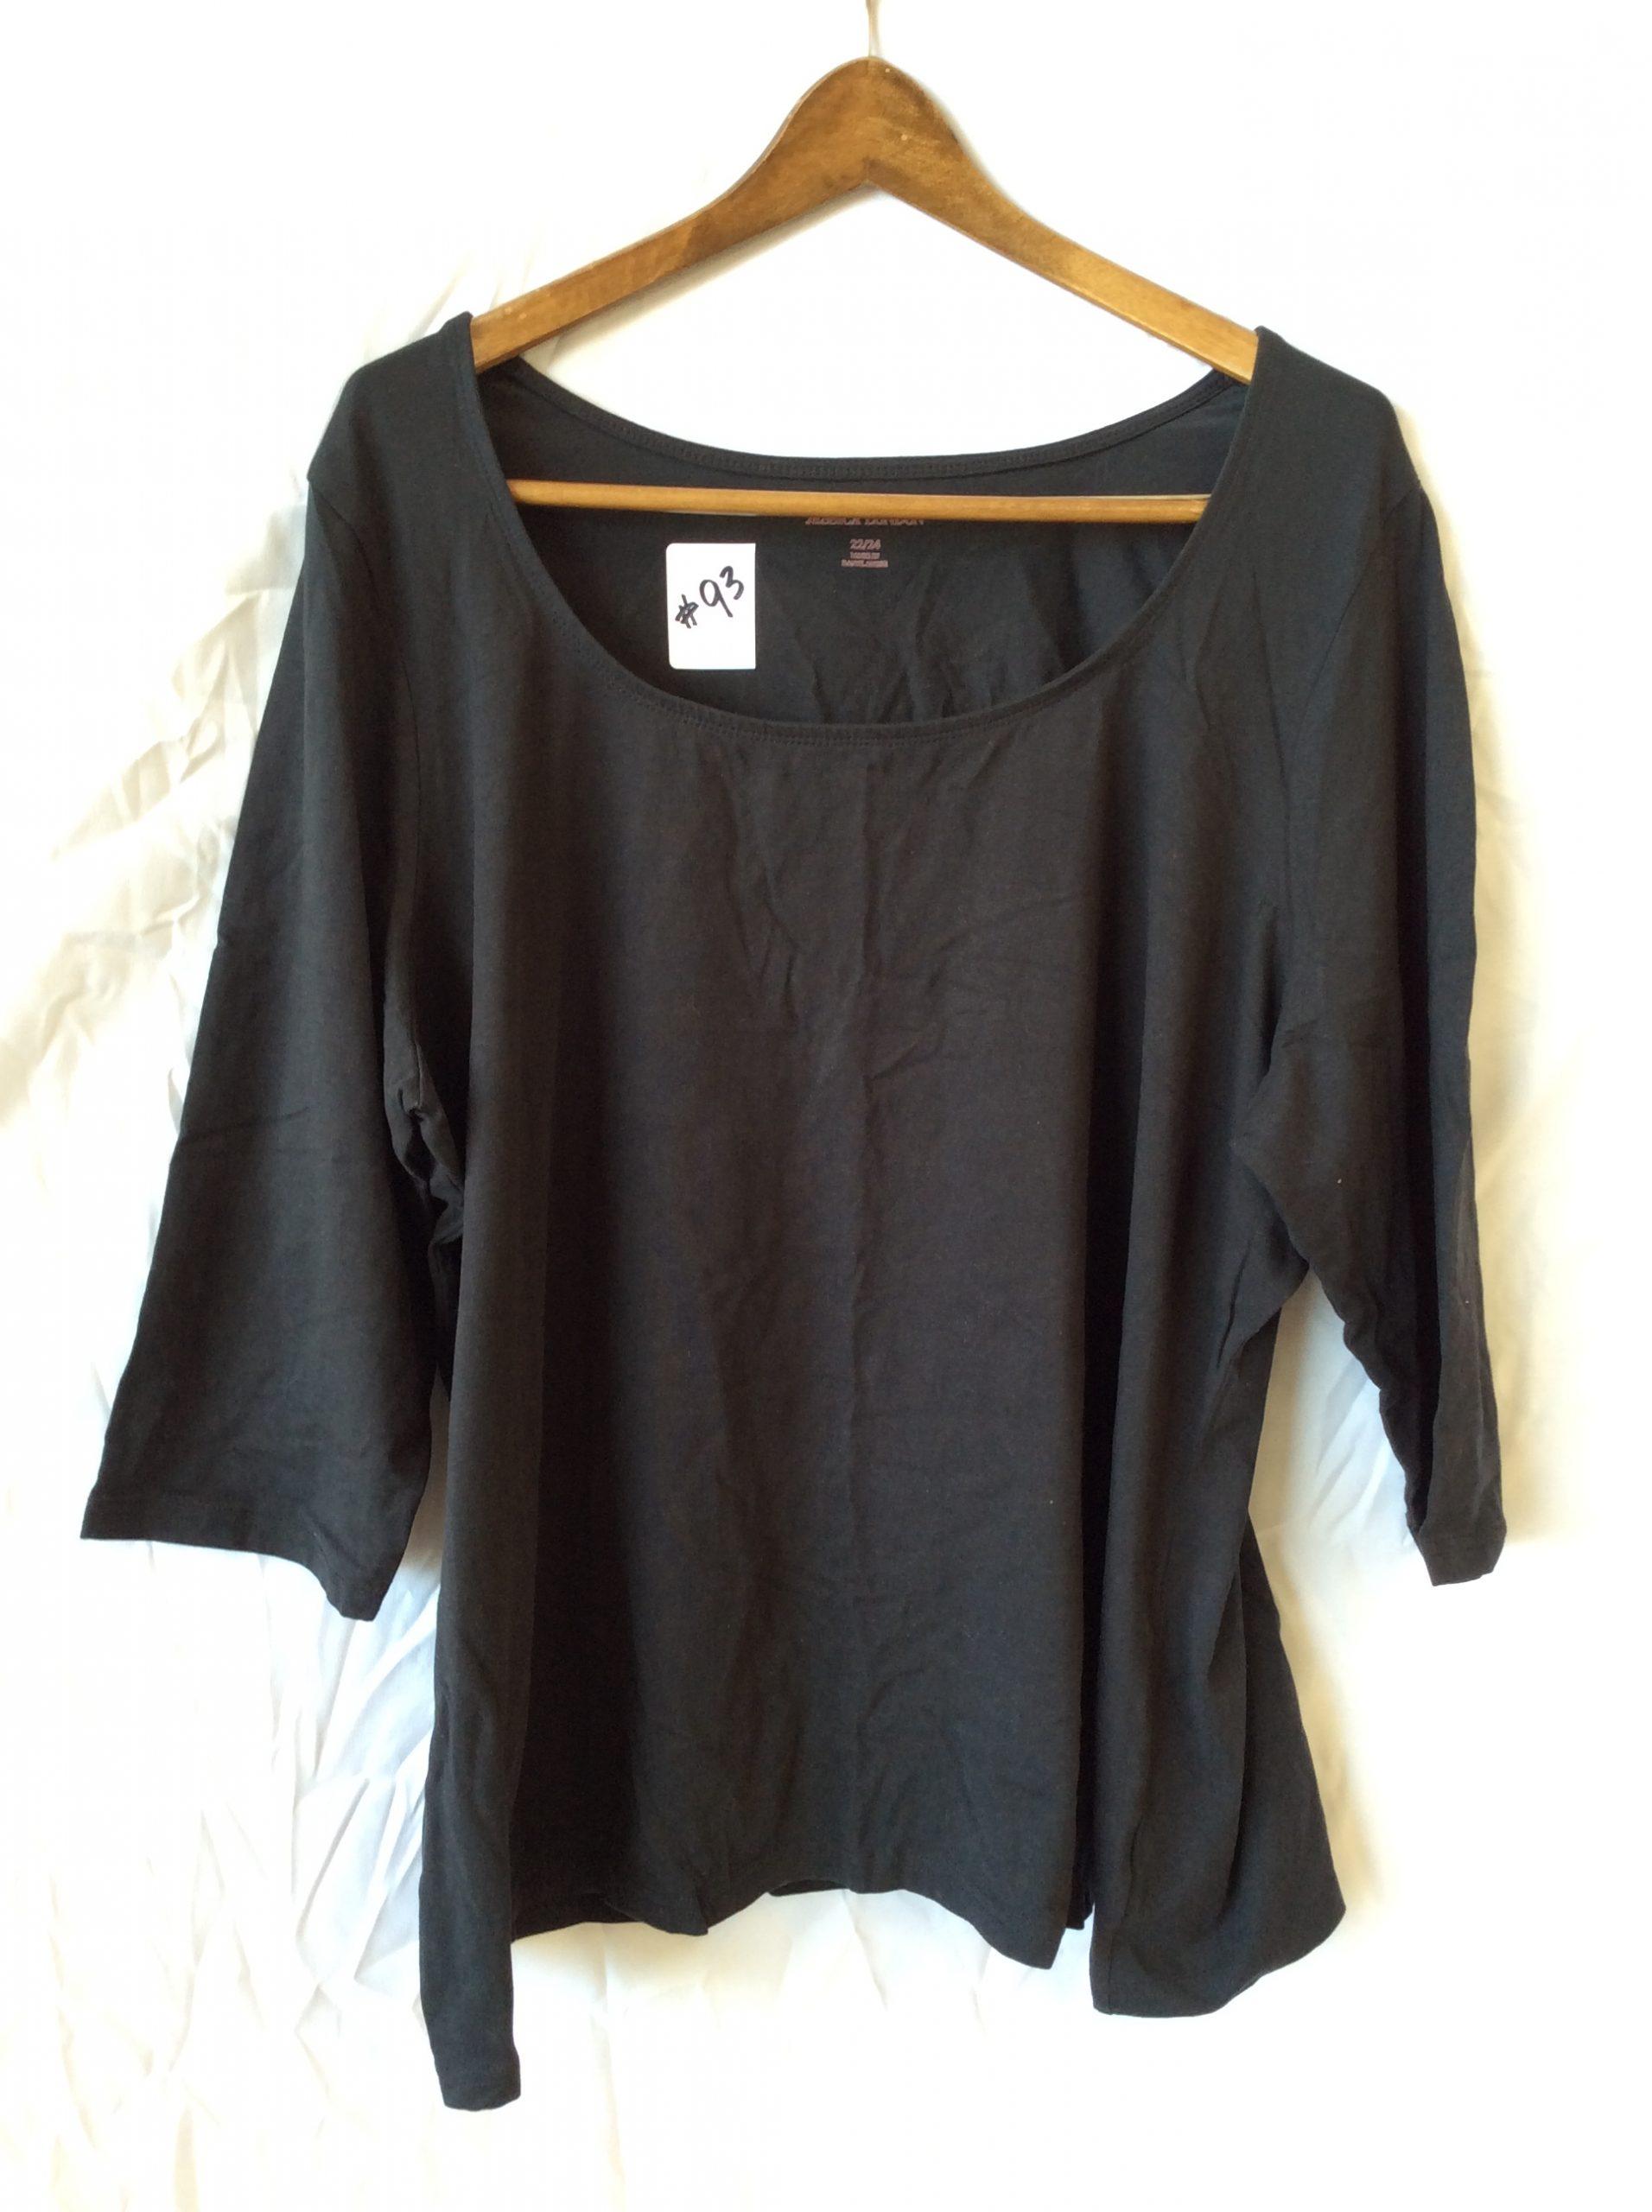 Women's black scoop neck top, size 22-24